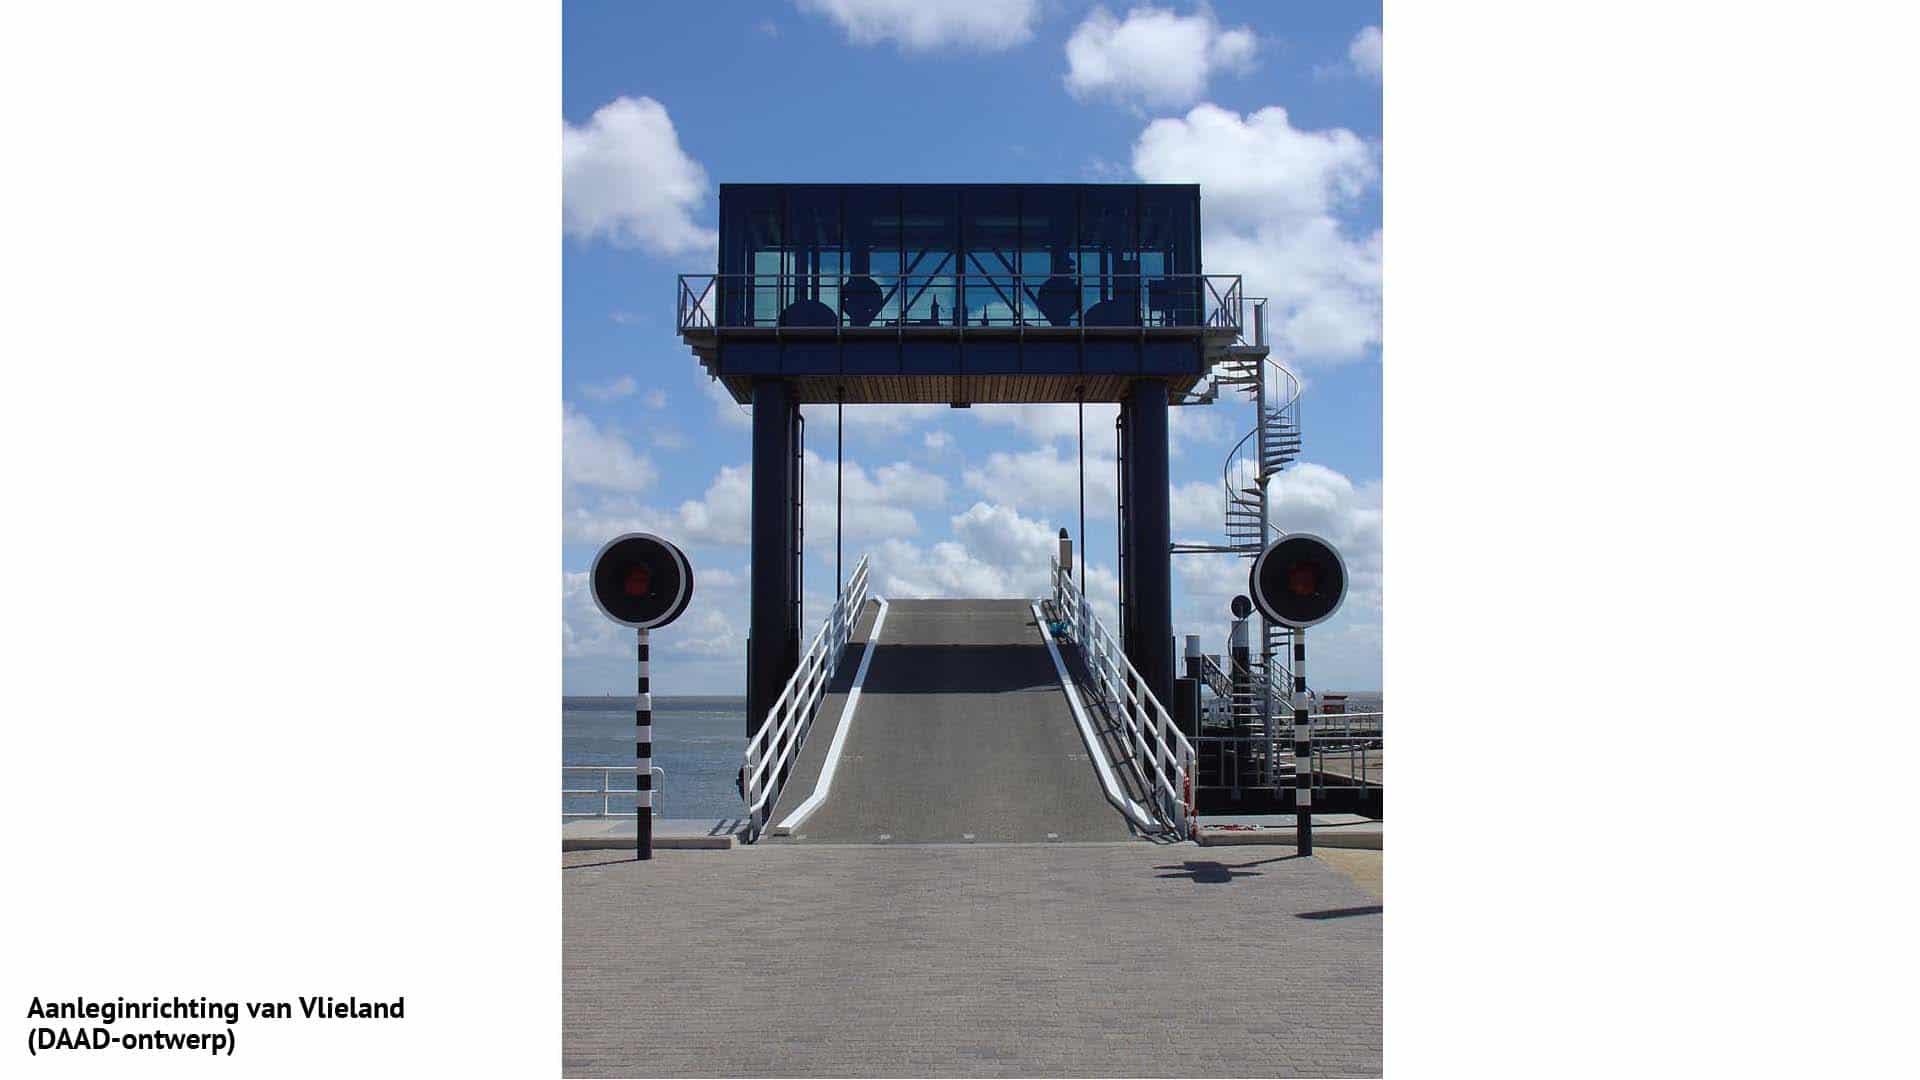 0041_Aanleginrichting autobrug Vlieland_02b